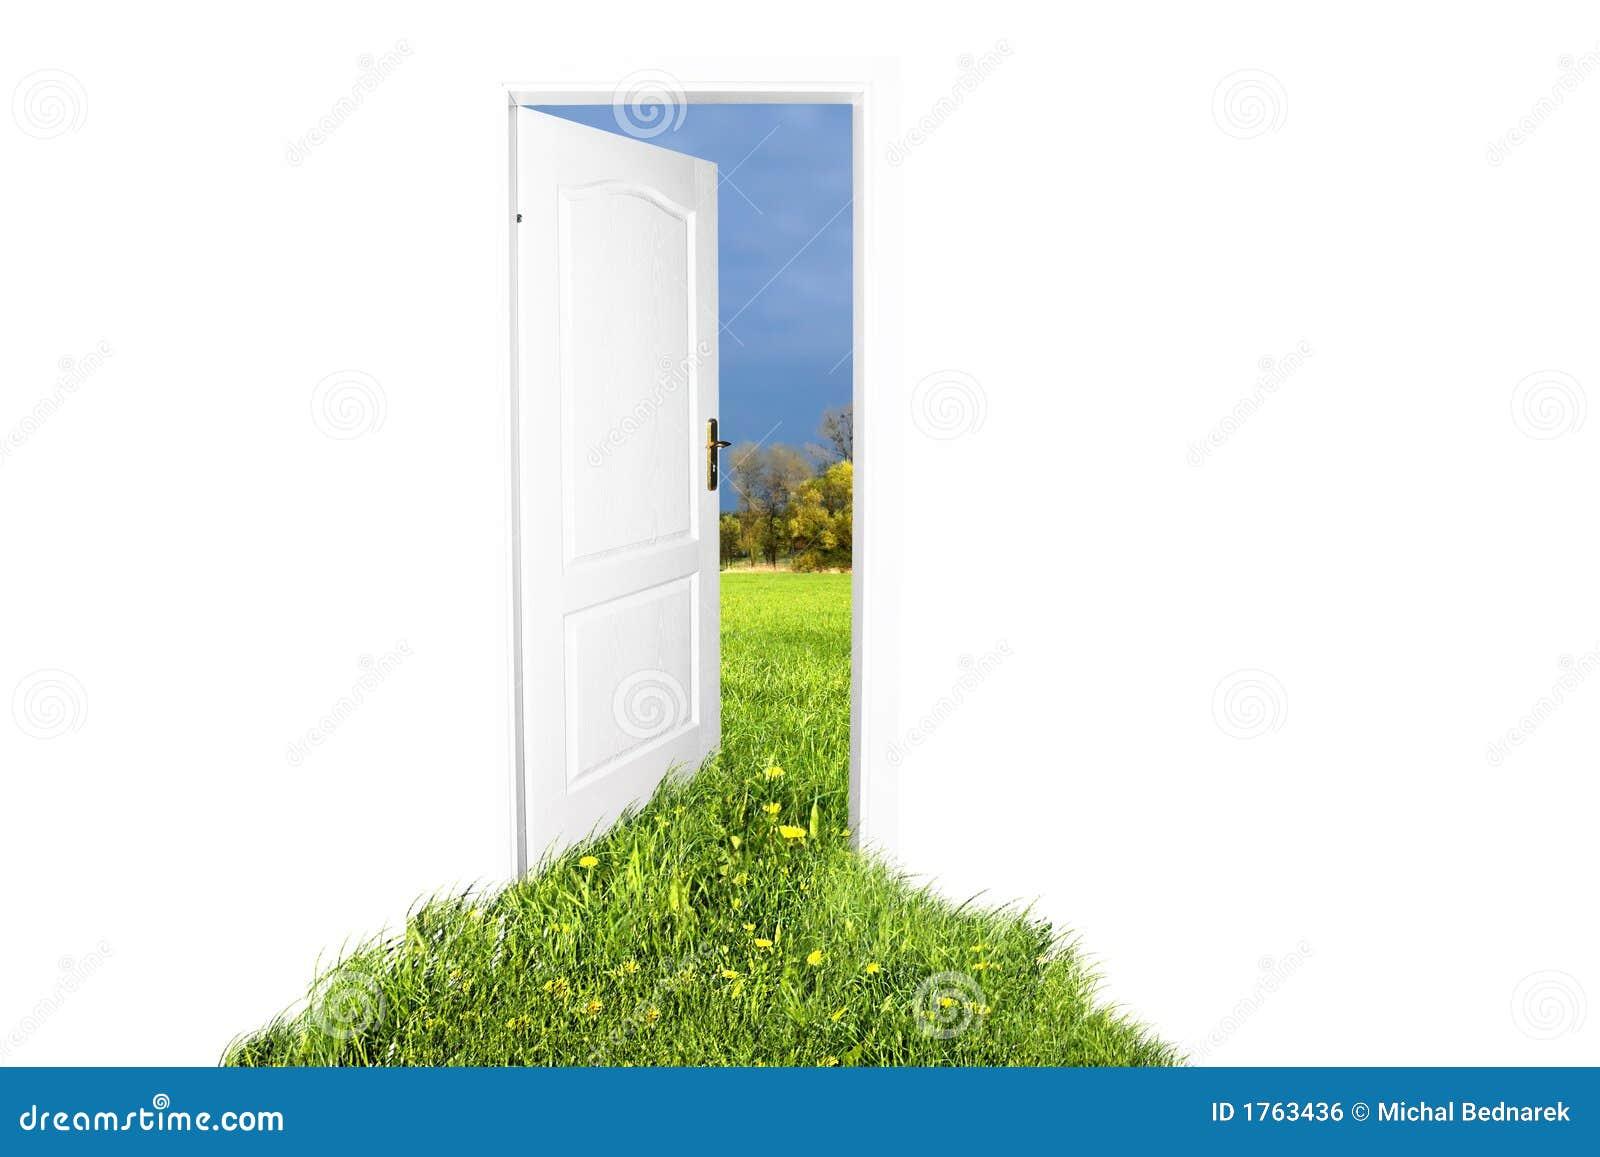 Door to new world